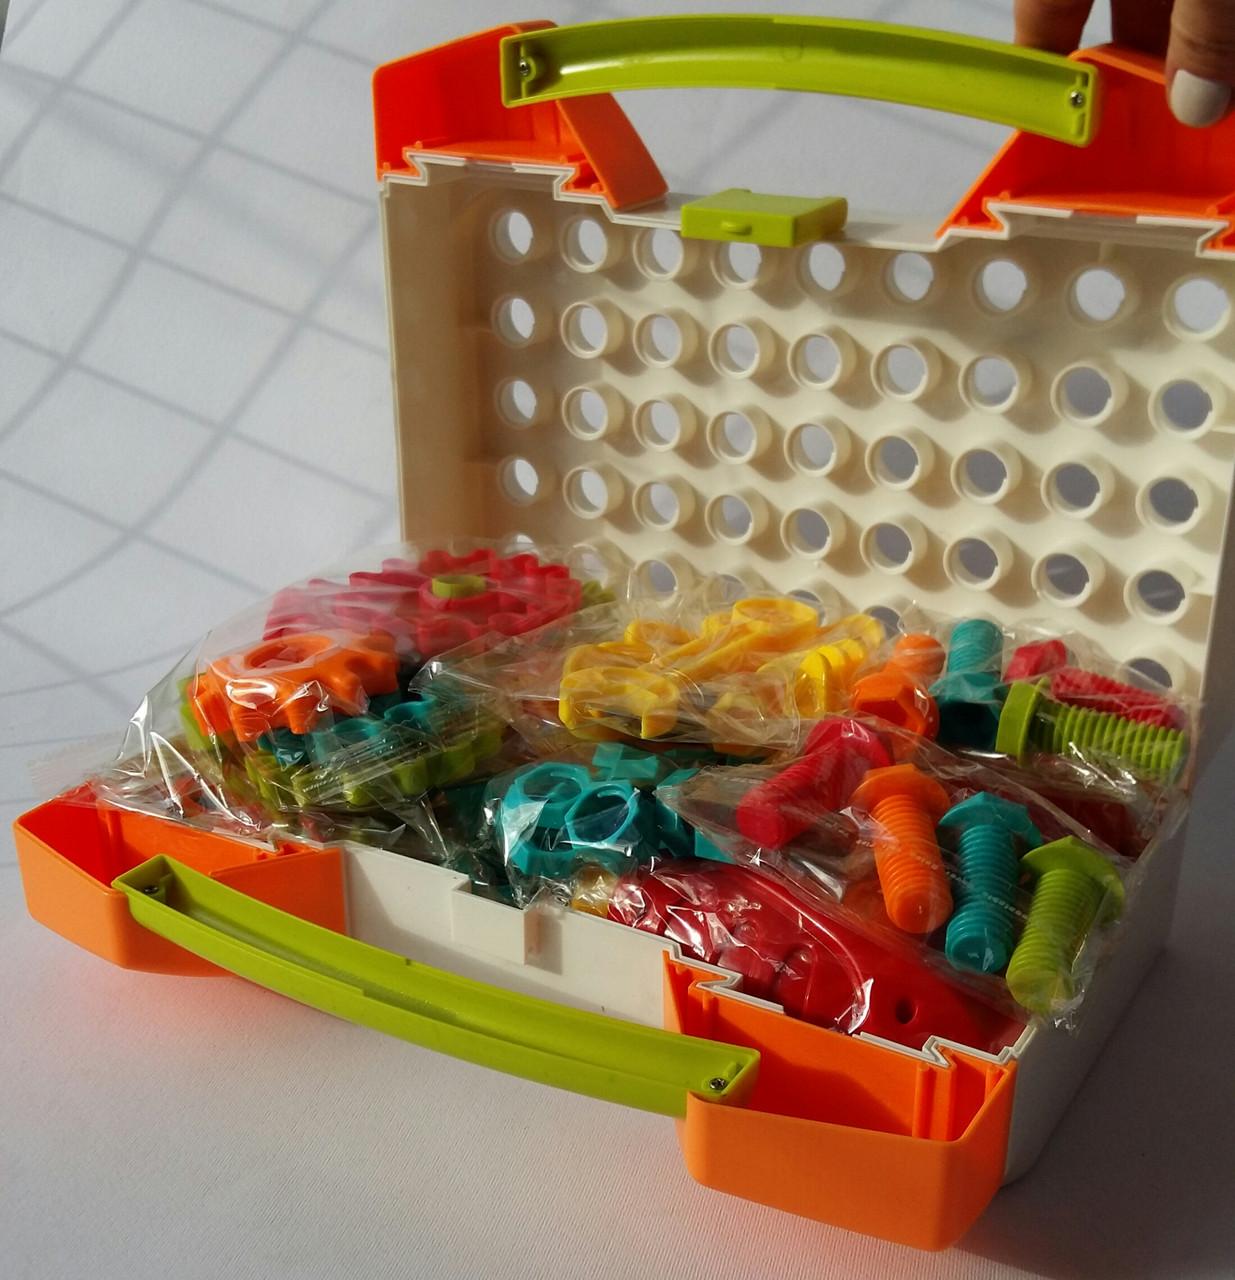 Мозаика детская Limo Toy на 215 деталей, 4 в 1, с насадкой шуруповёрт в чемодане М5482